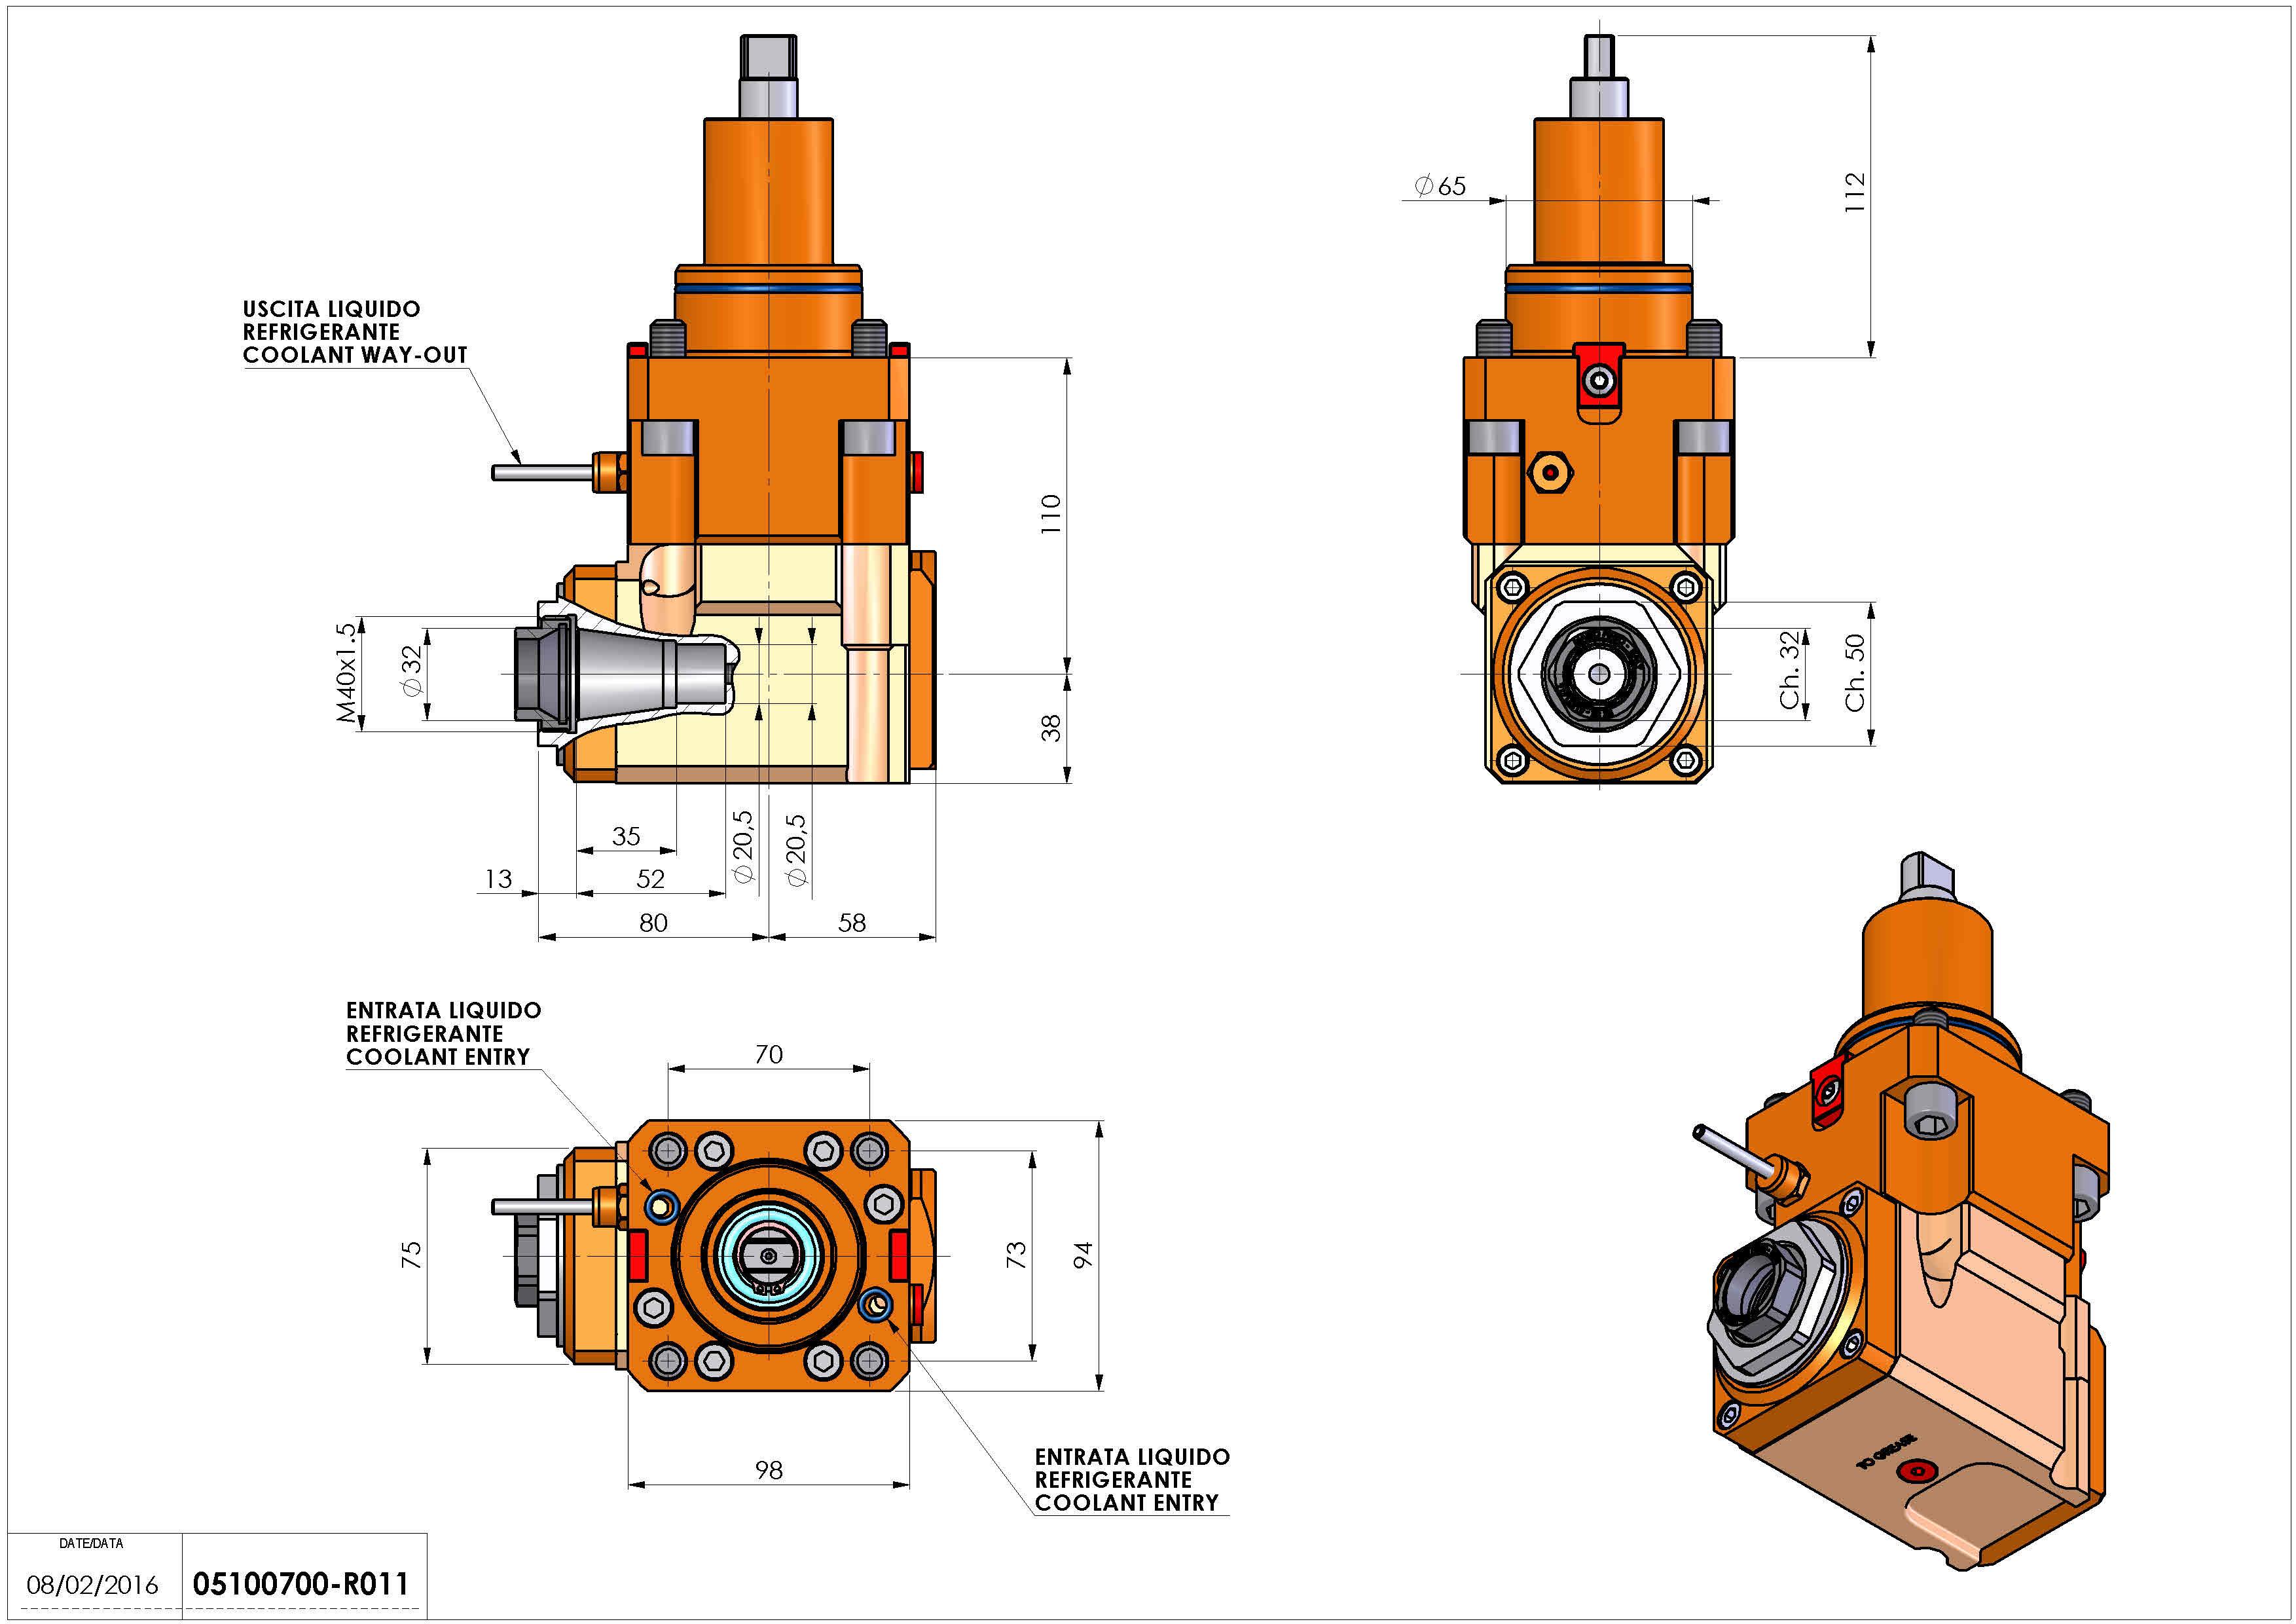 Technical image - LT-A BMT65 ER32F LR H110.